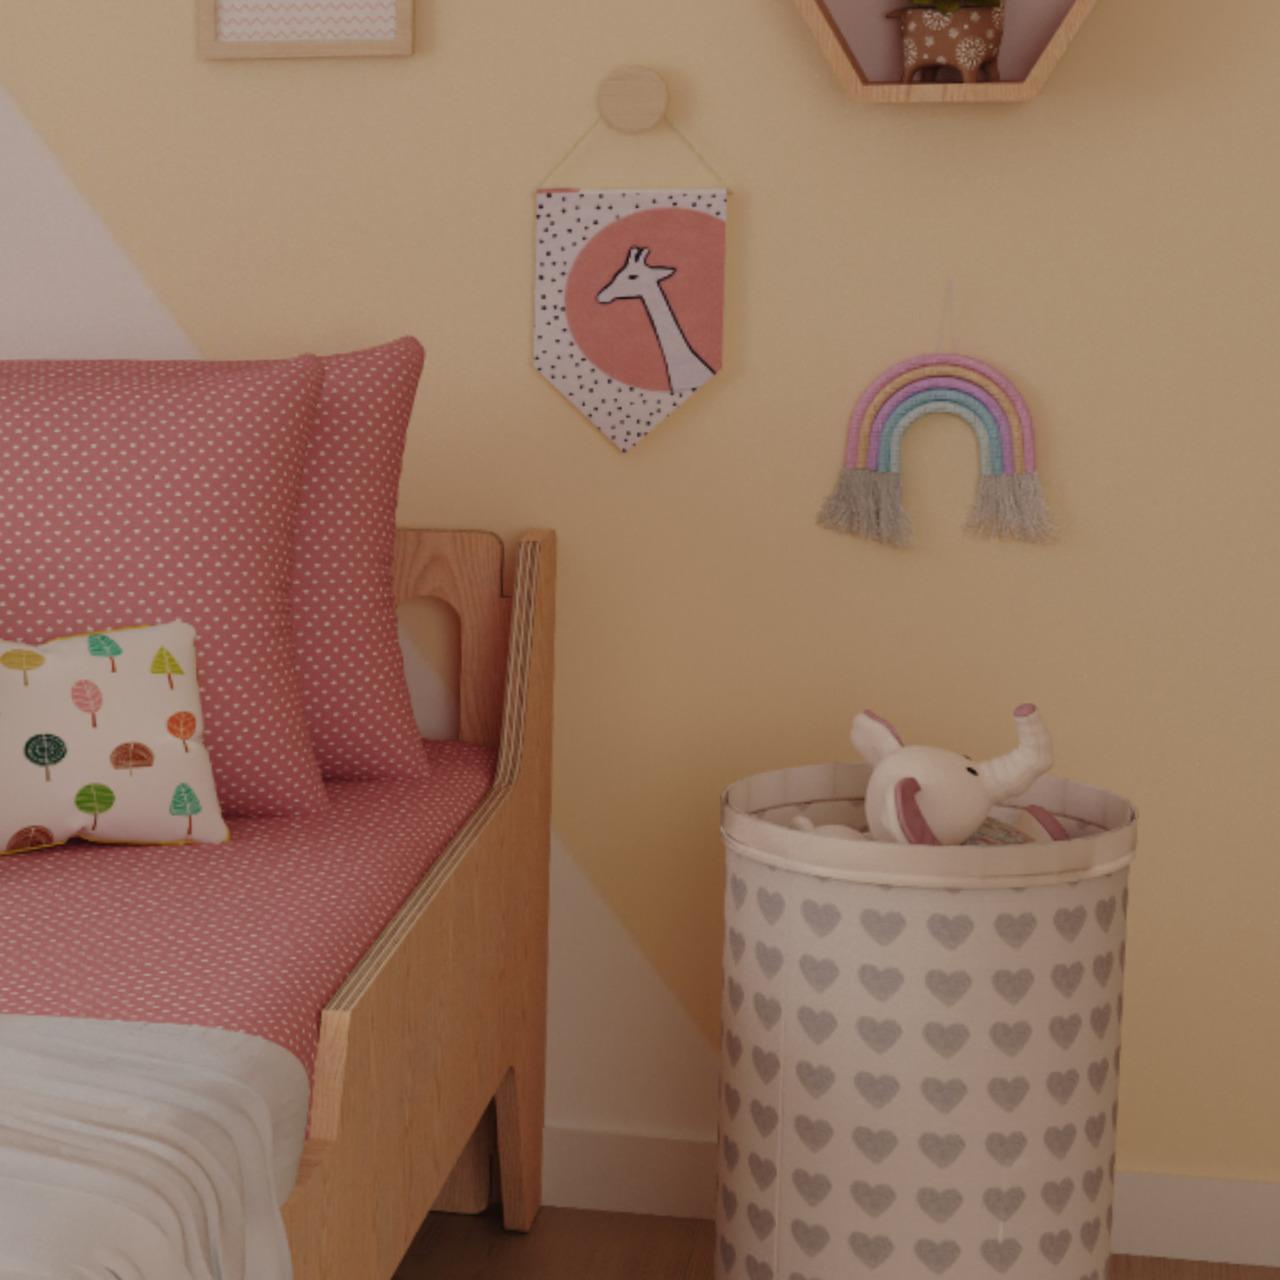 Arco íris de parede em macramê rosa